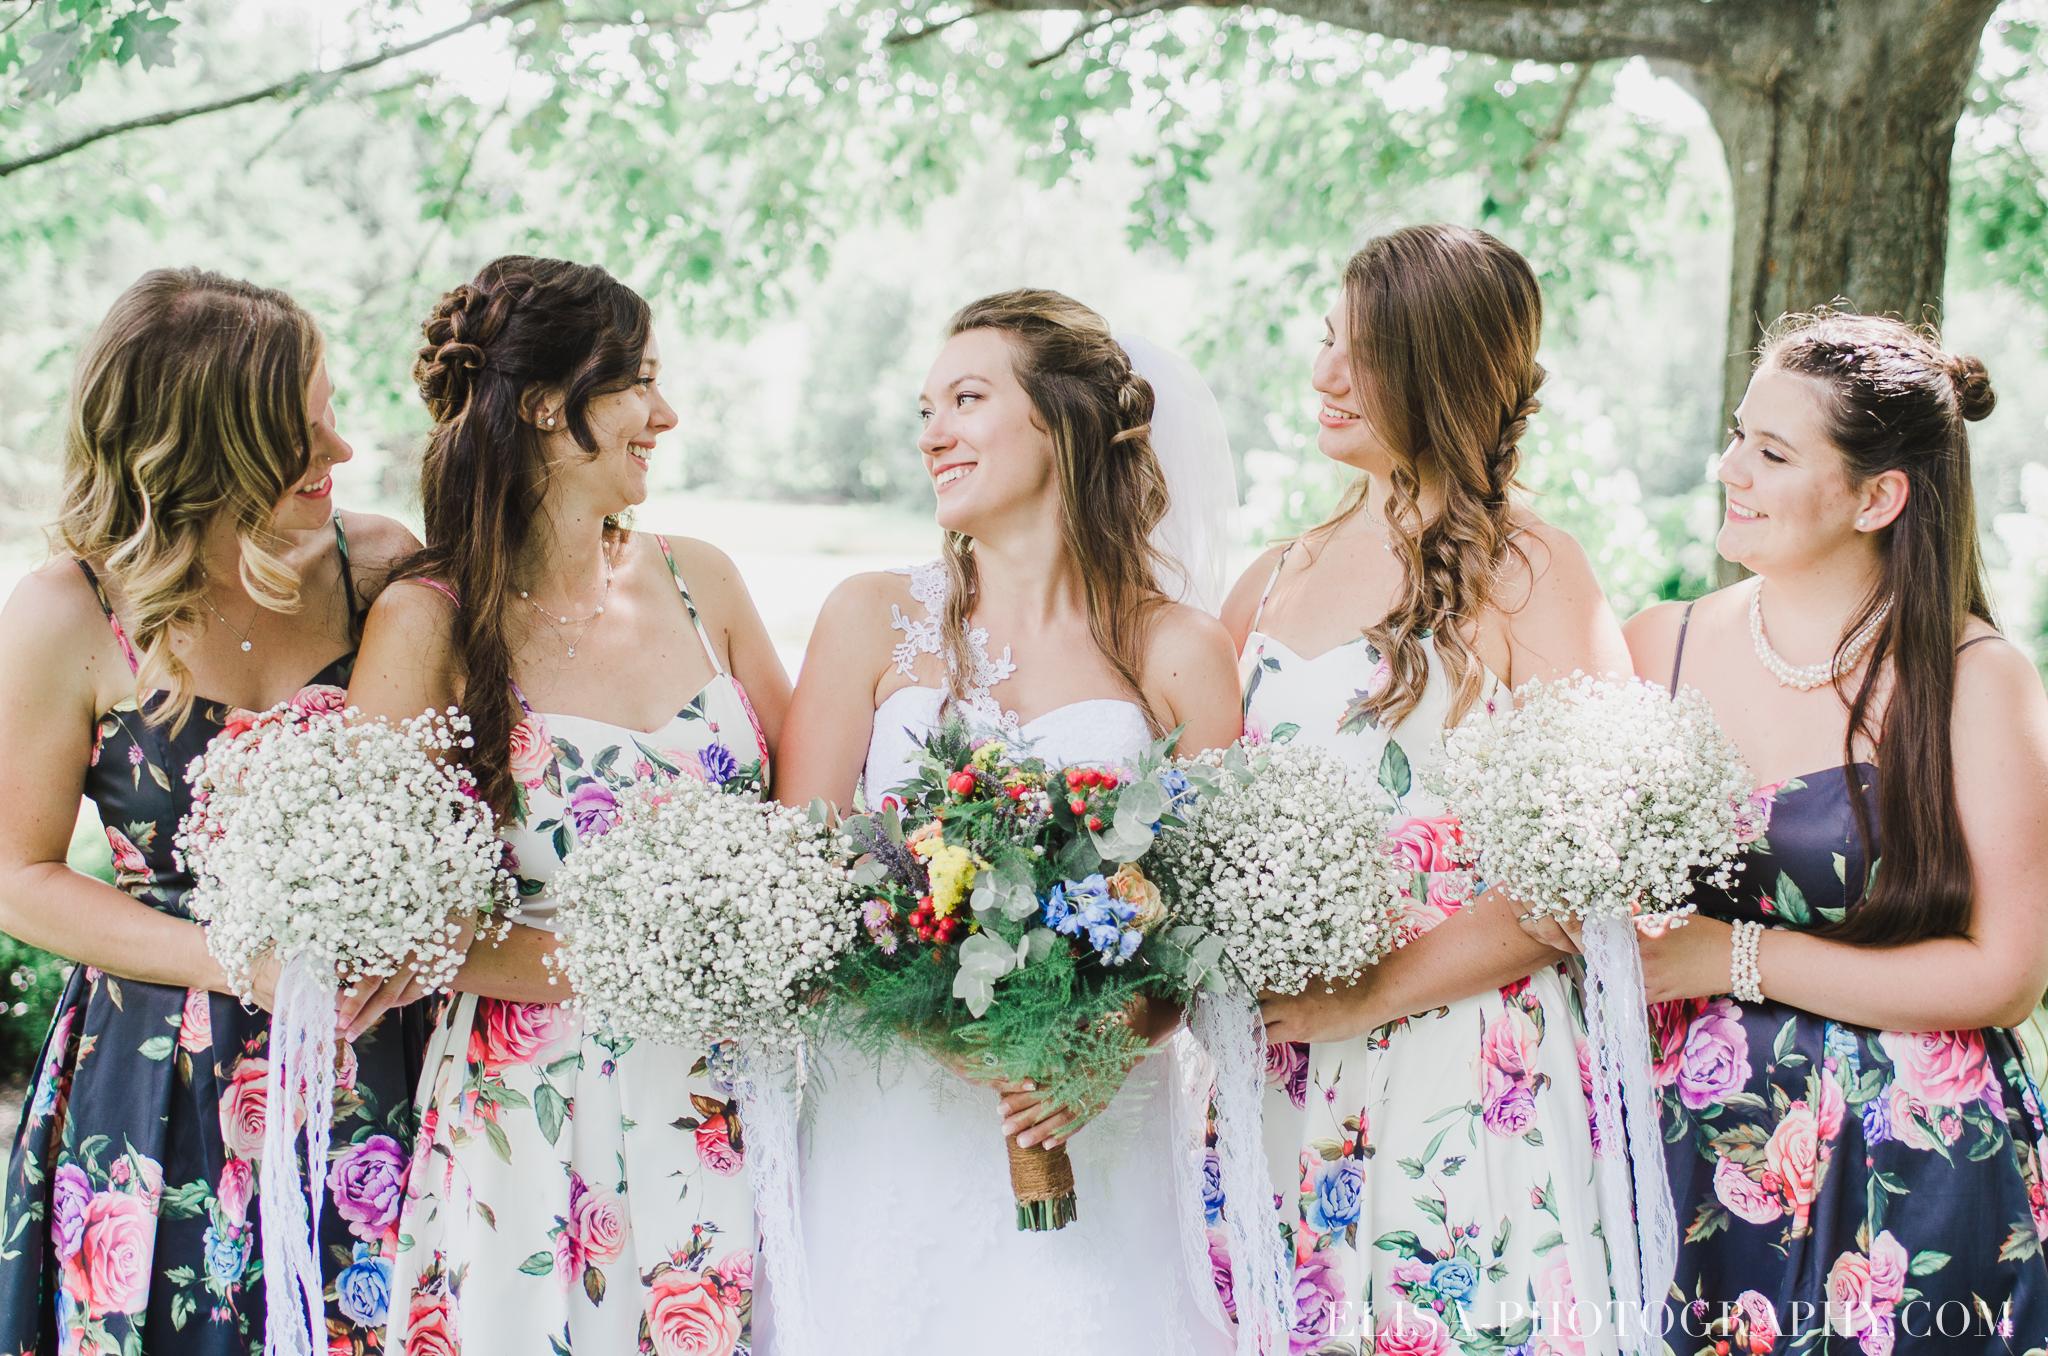 photo mariage grange rouge quebec cortege robe multicolor fleuries colore demoiselle garcons honneur 0345 - Mariage coloré à la grange rouge de Brompton